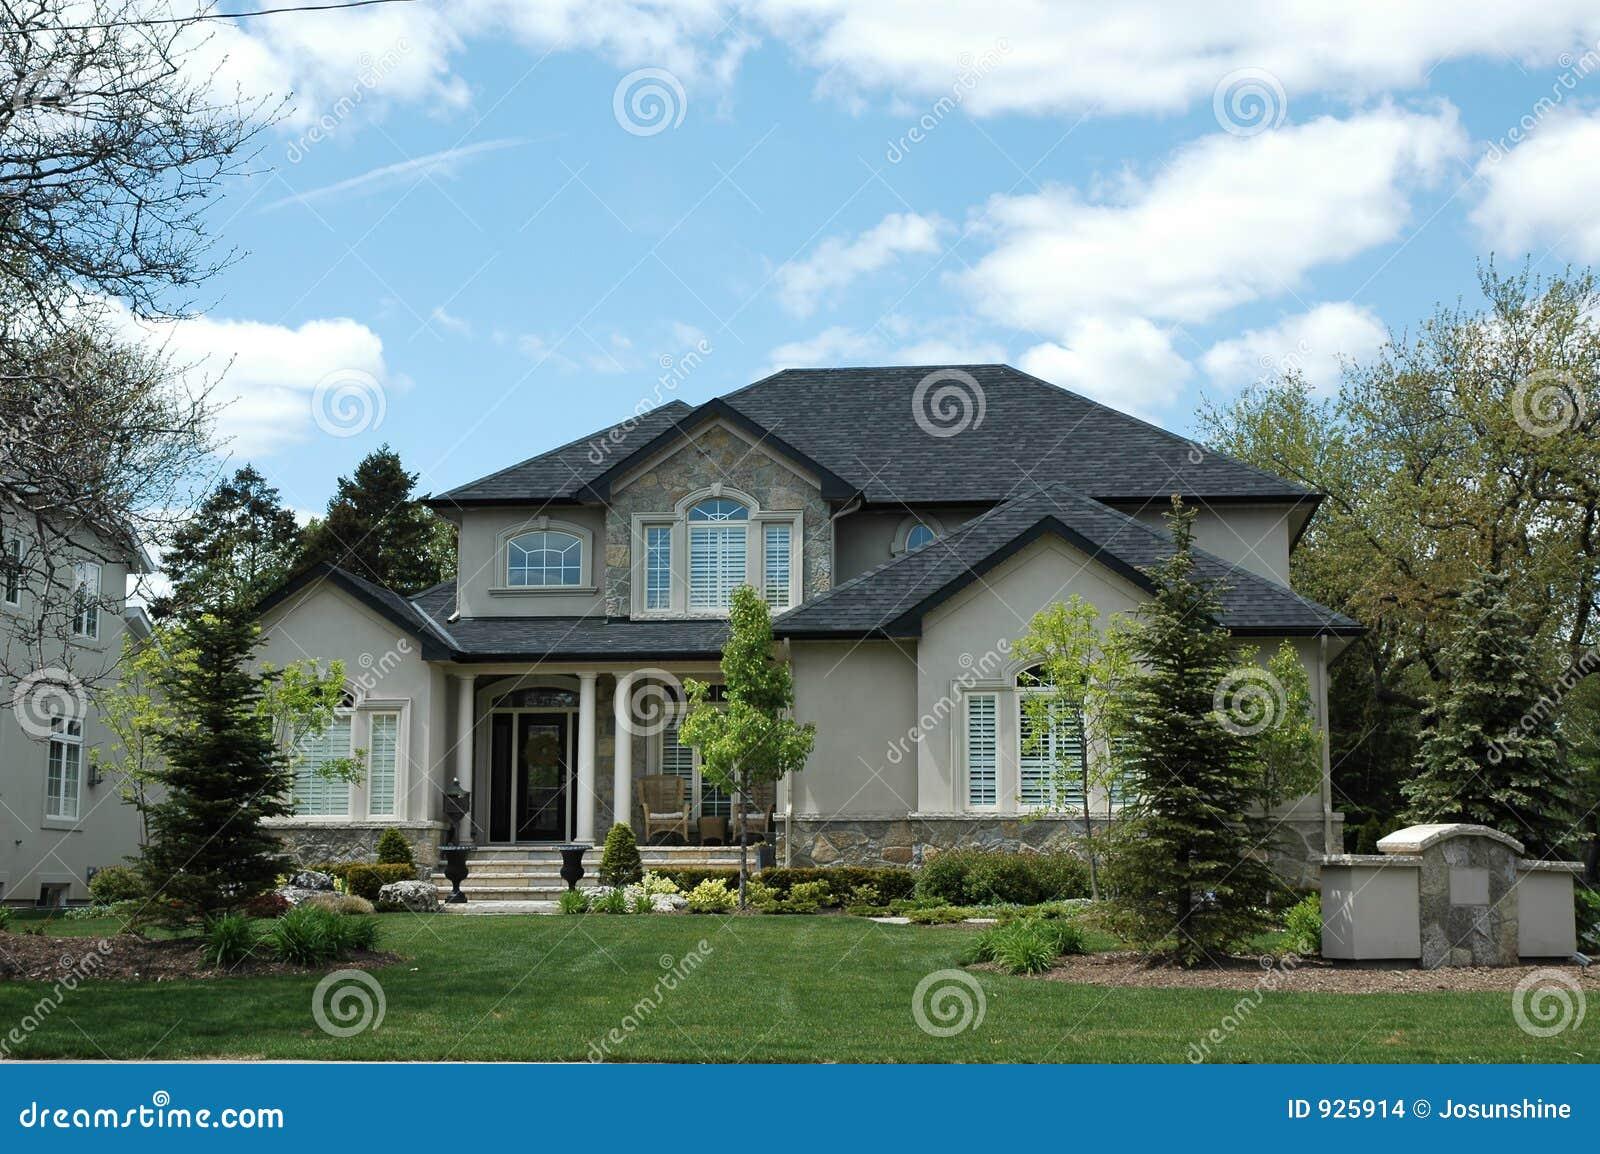 Stucco home exterior designs elite home ideas for Stucco home exterior designs